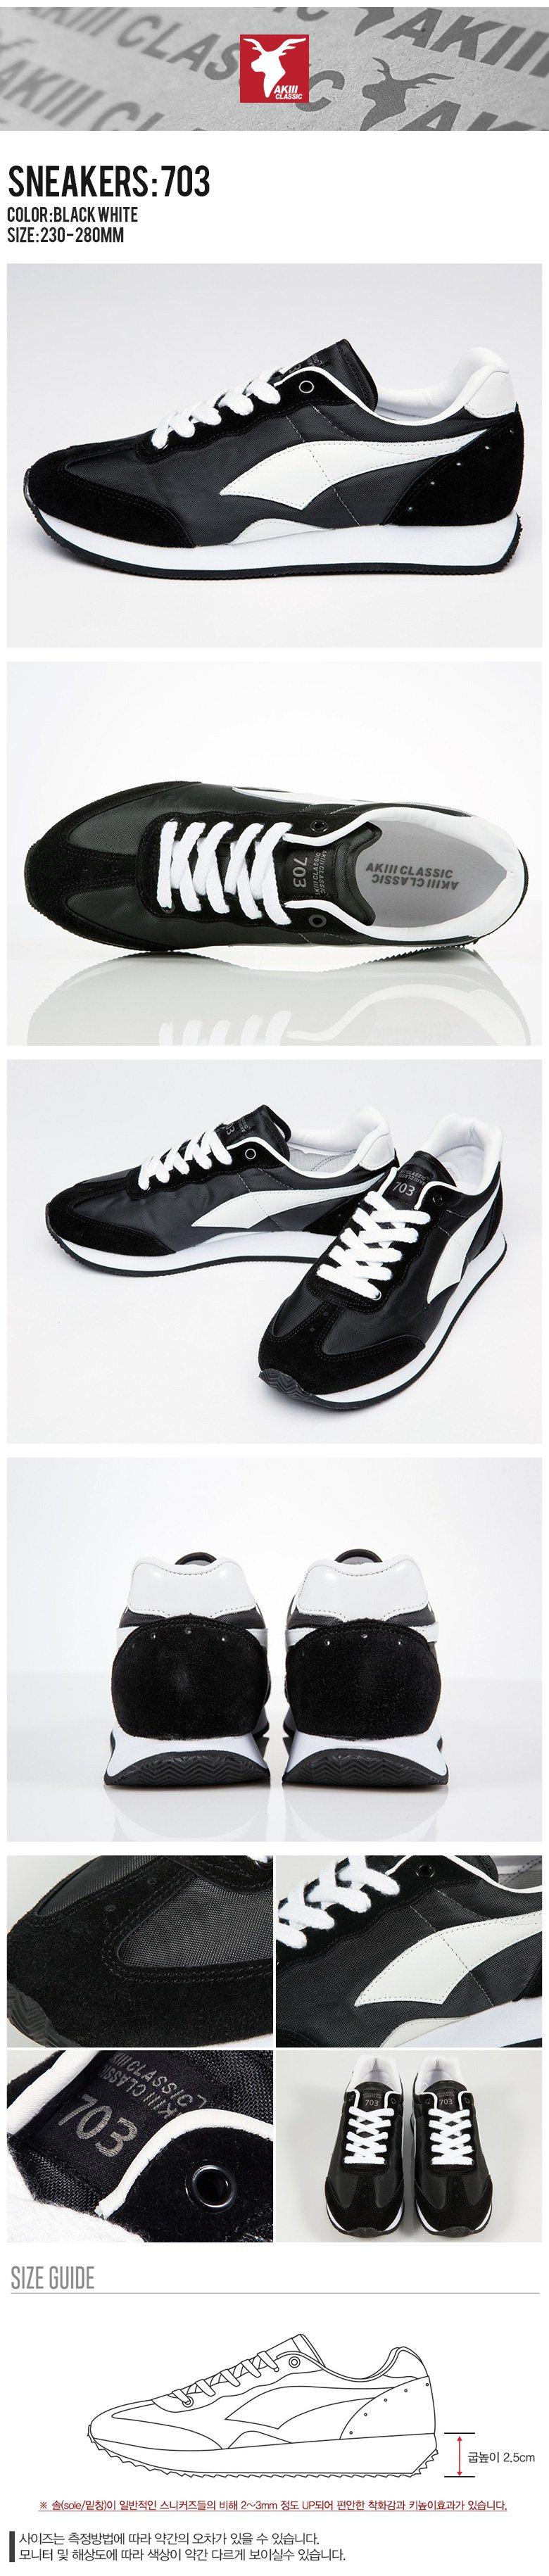 sneakers_703_blackwhite.jpg